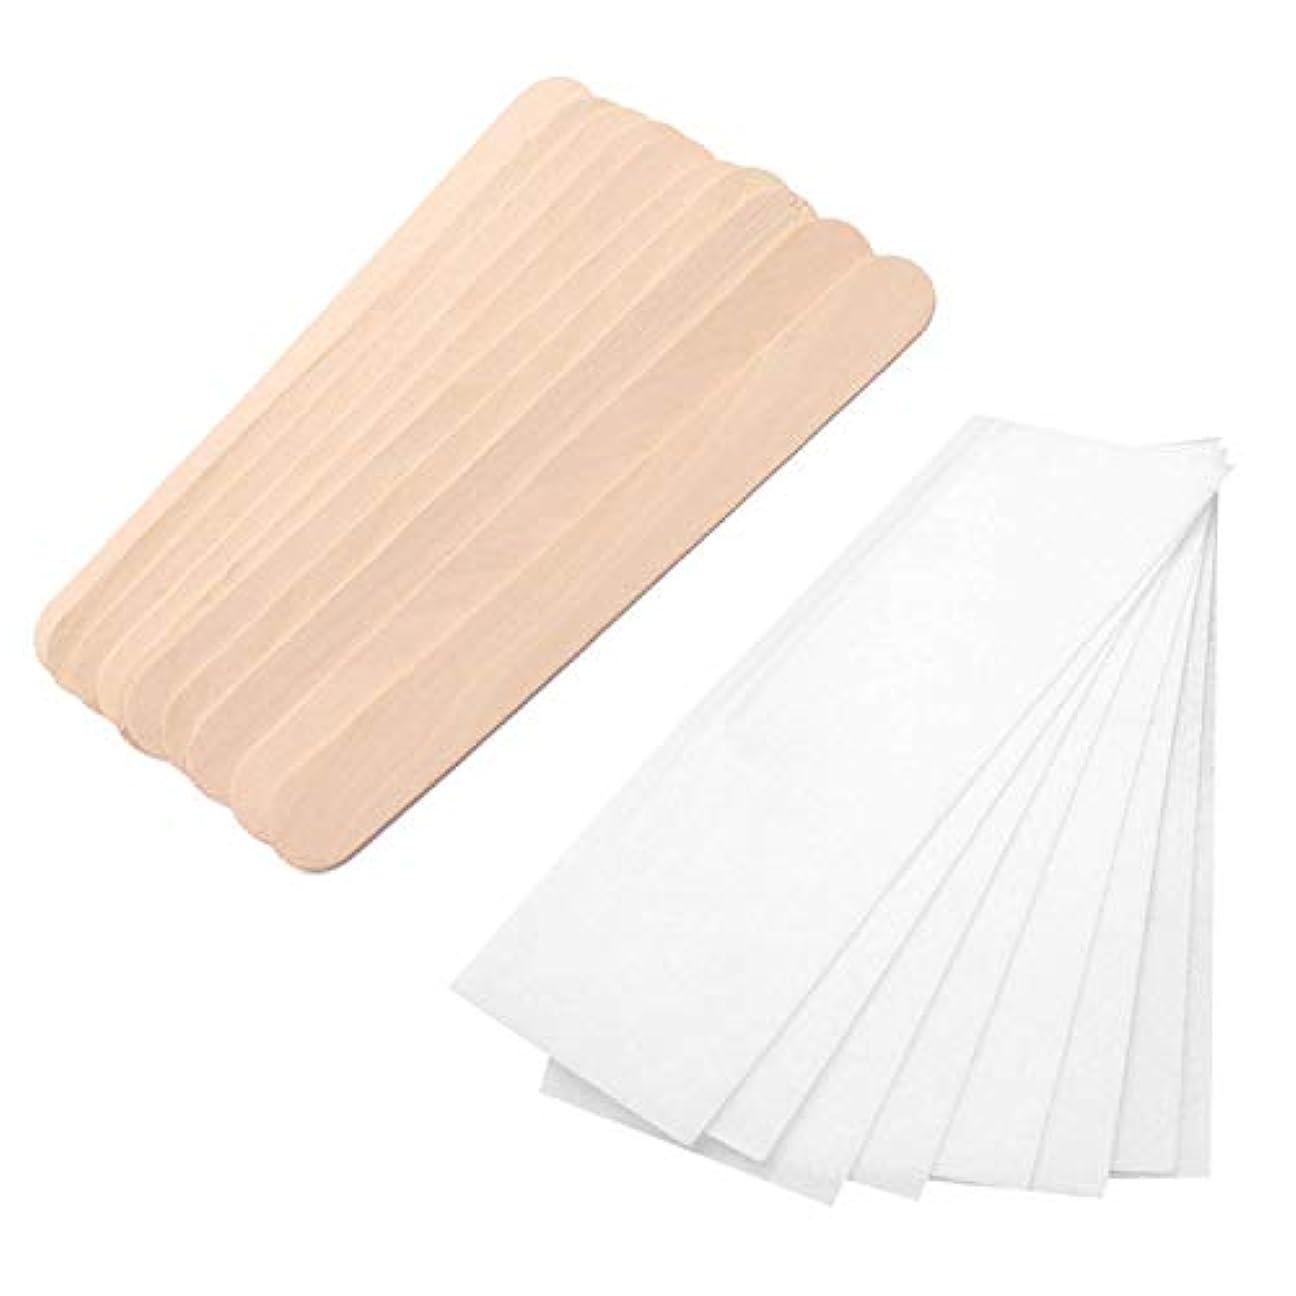 組立士気ネストMigavann 100個木製ワックススティック 使い捨て木製ワックススティックへらアプリケーター 100個不織ワックスストリップ脱毛紙